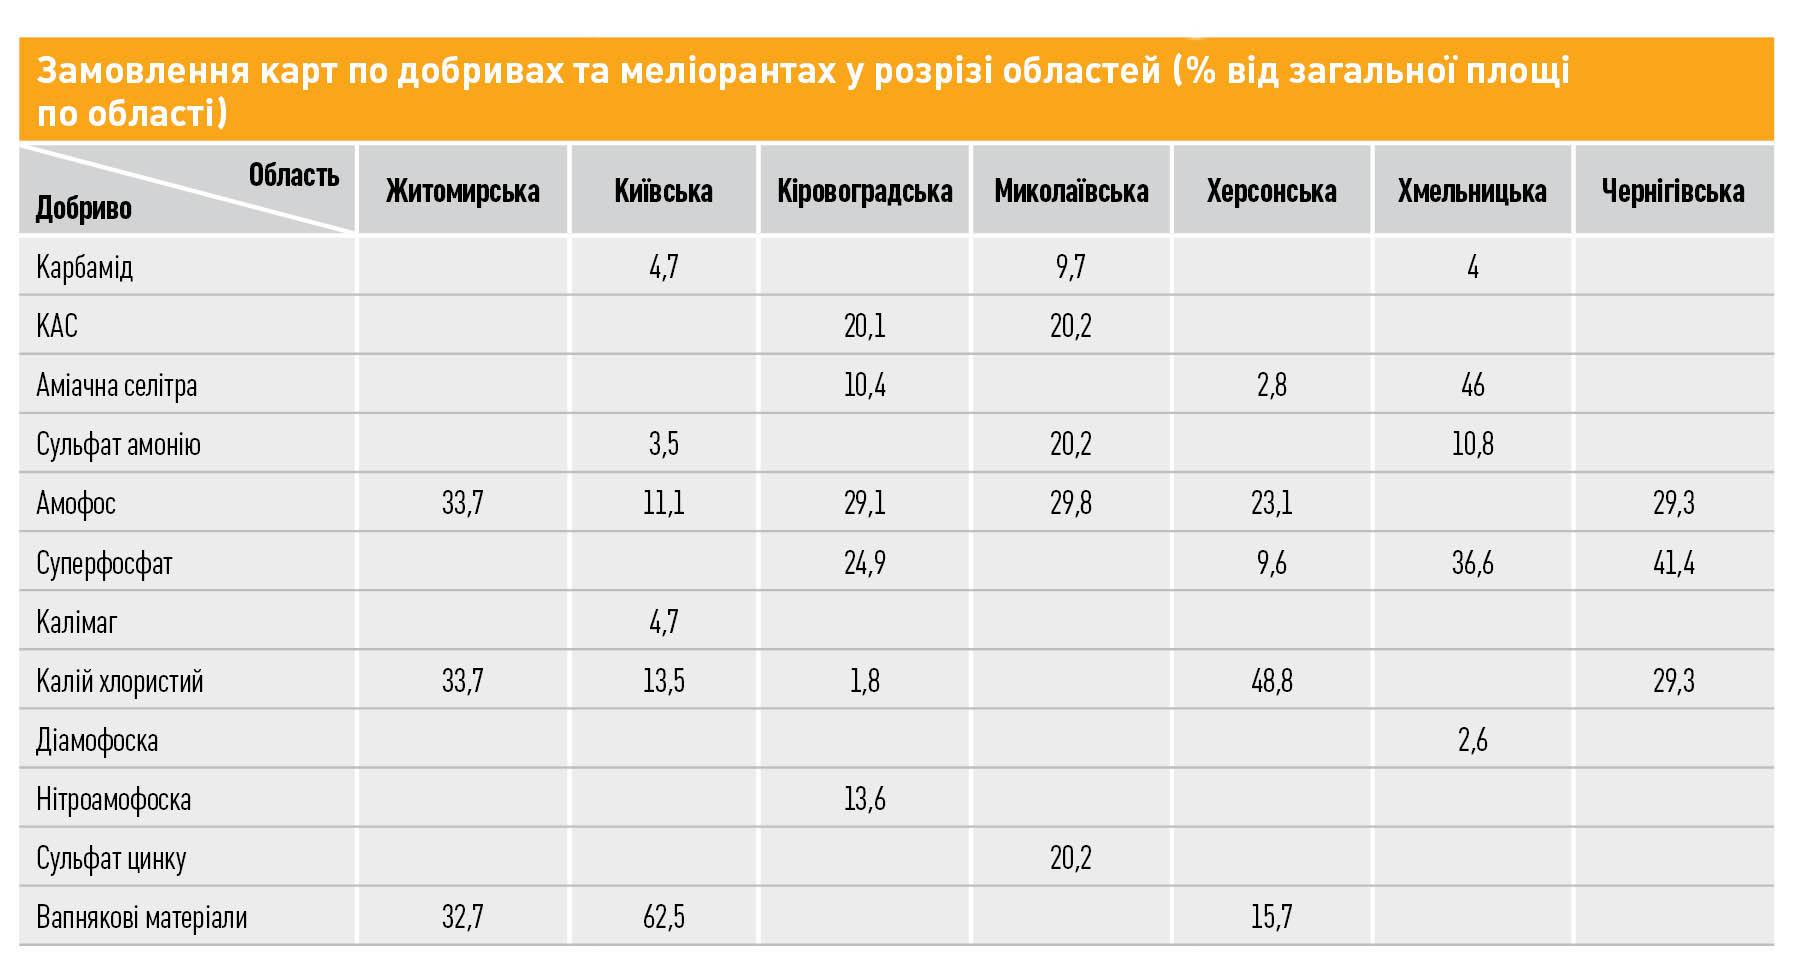 Замовлення карт по добривах та меліорантах у розрізі областей (% від загальної площі по області) Об